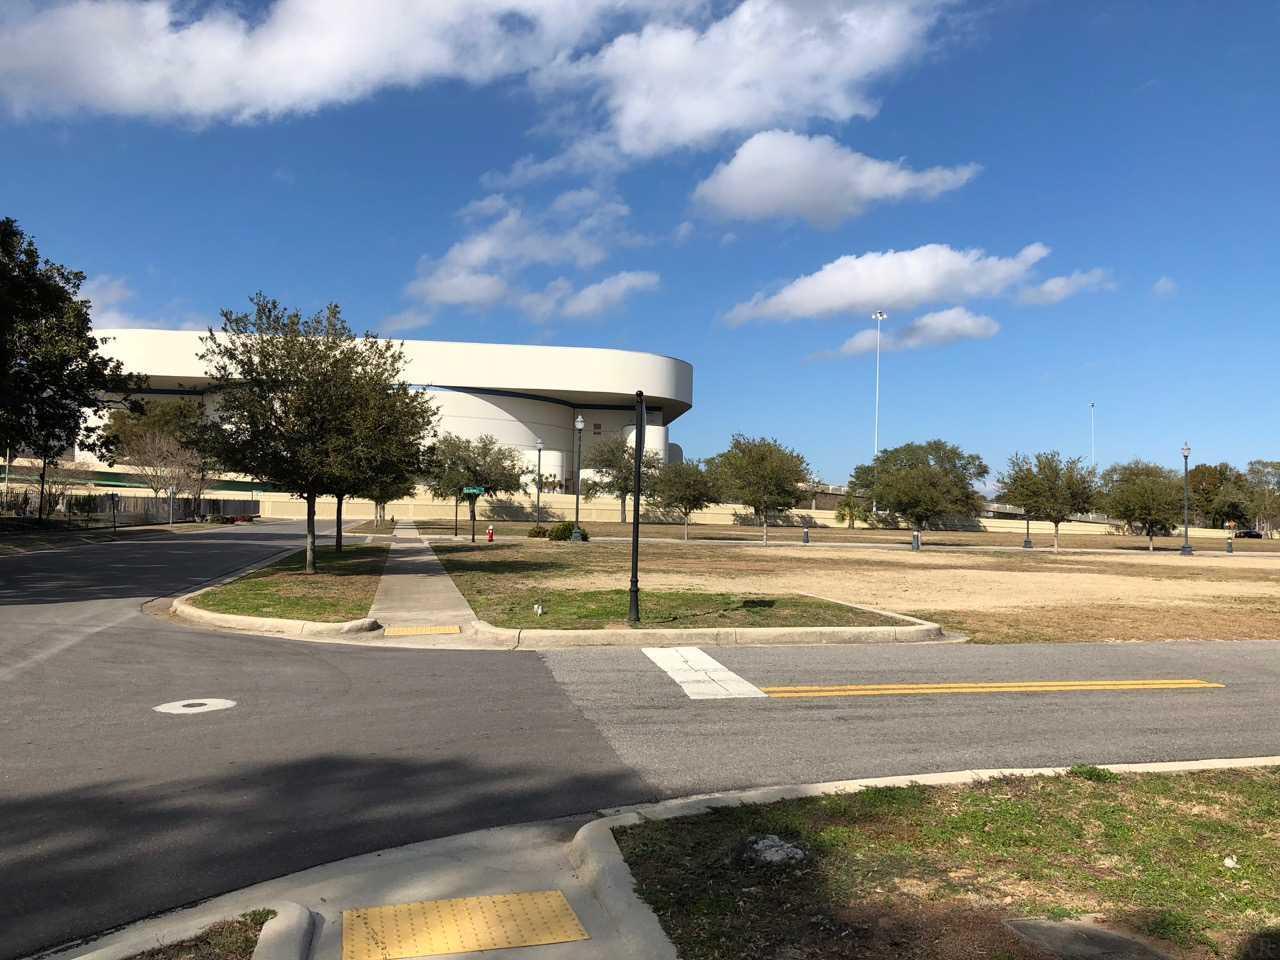 16 N Florida Blanca, Pensacola, FL 32502